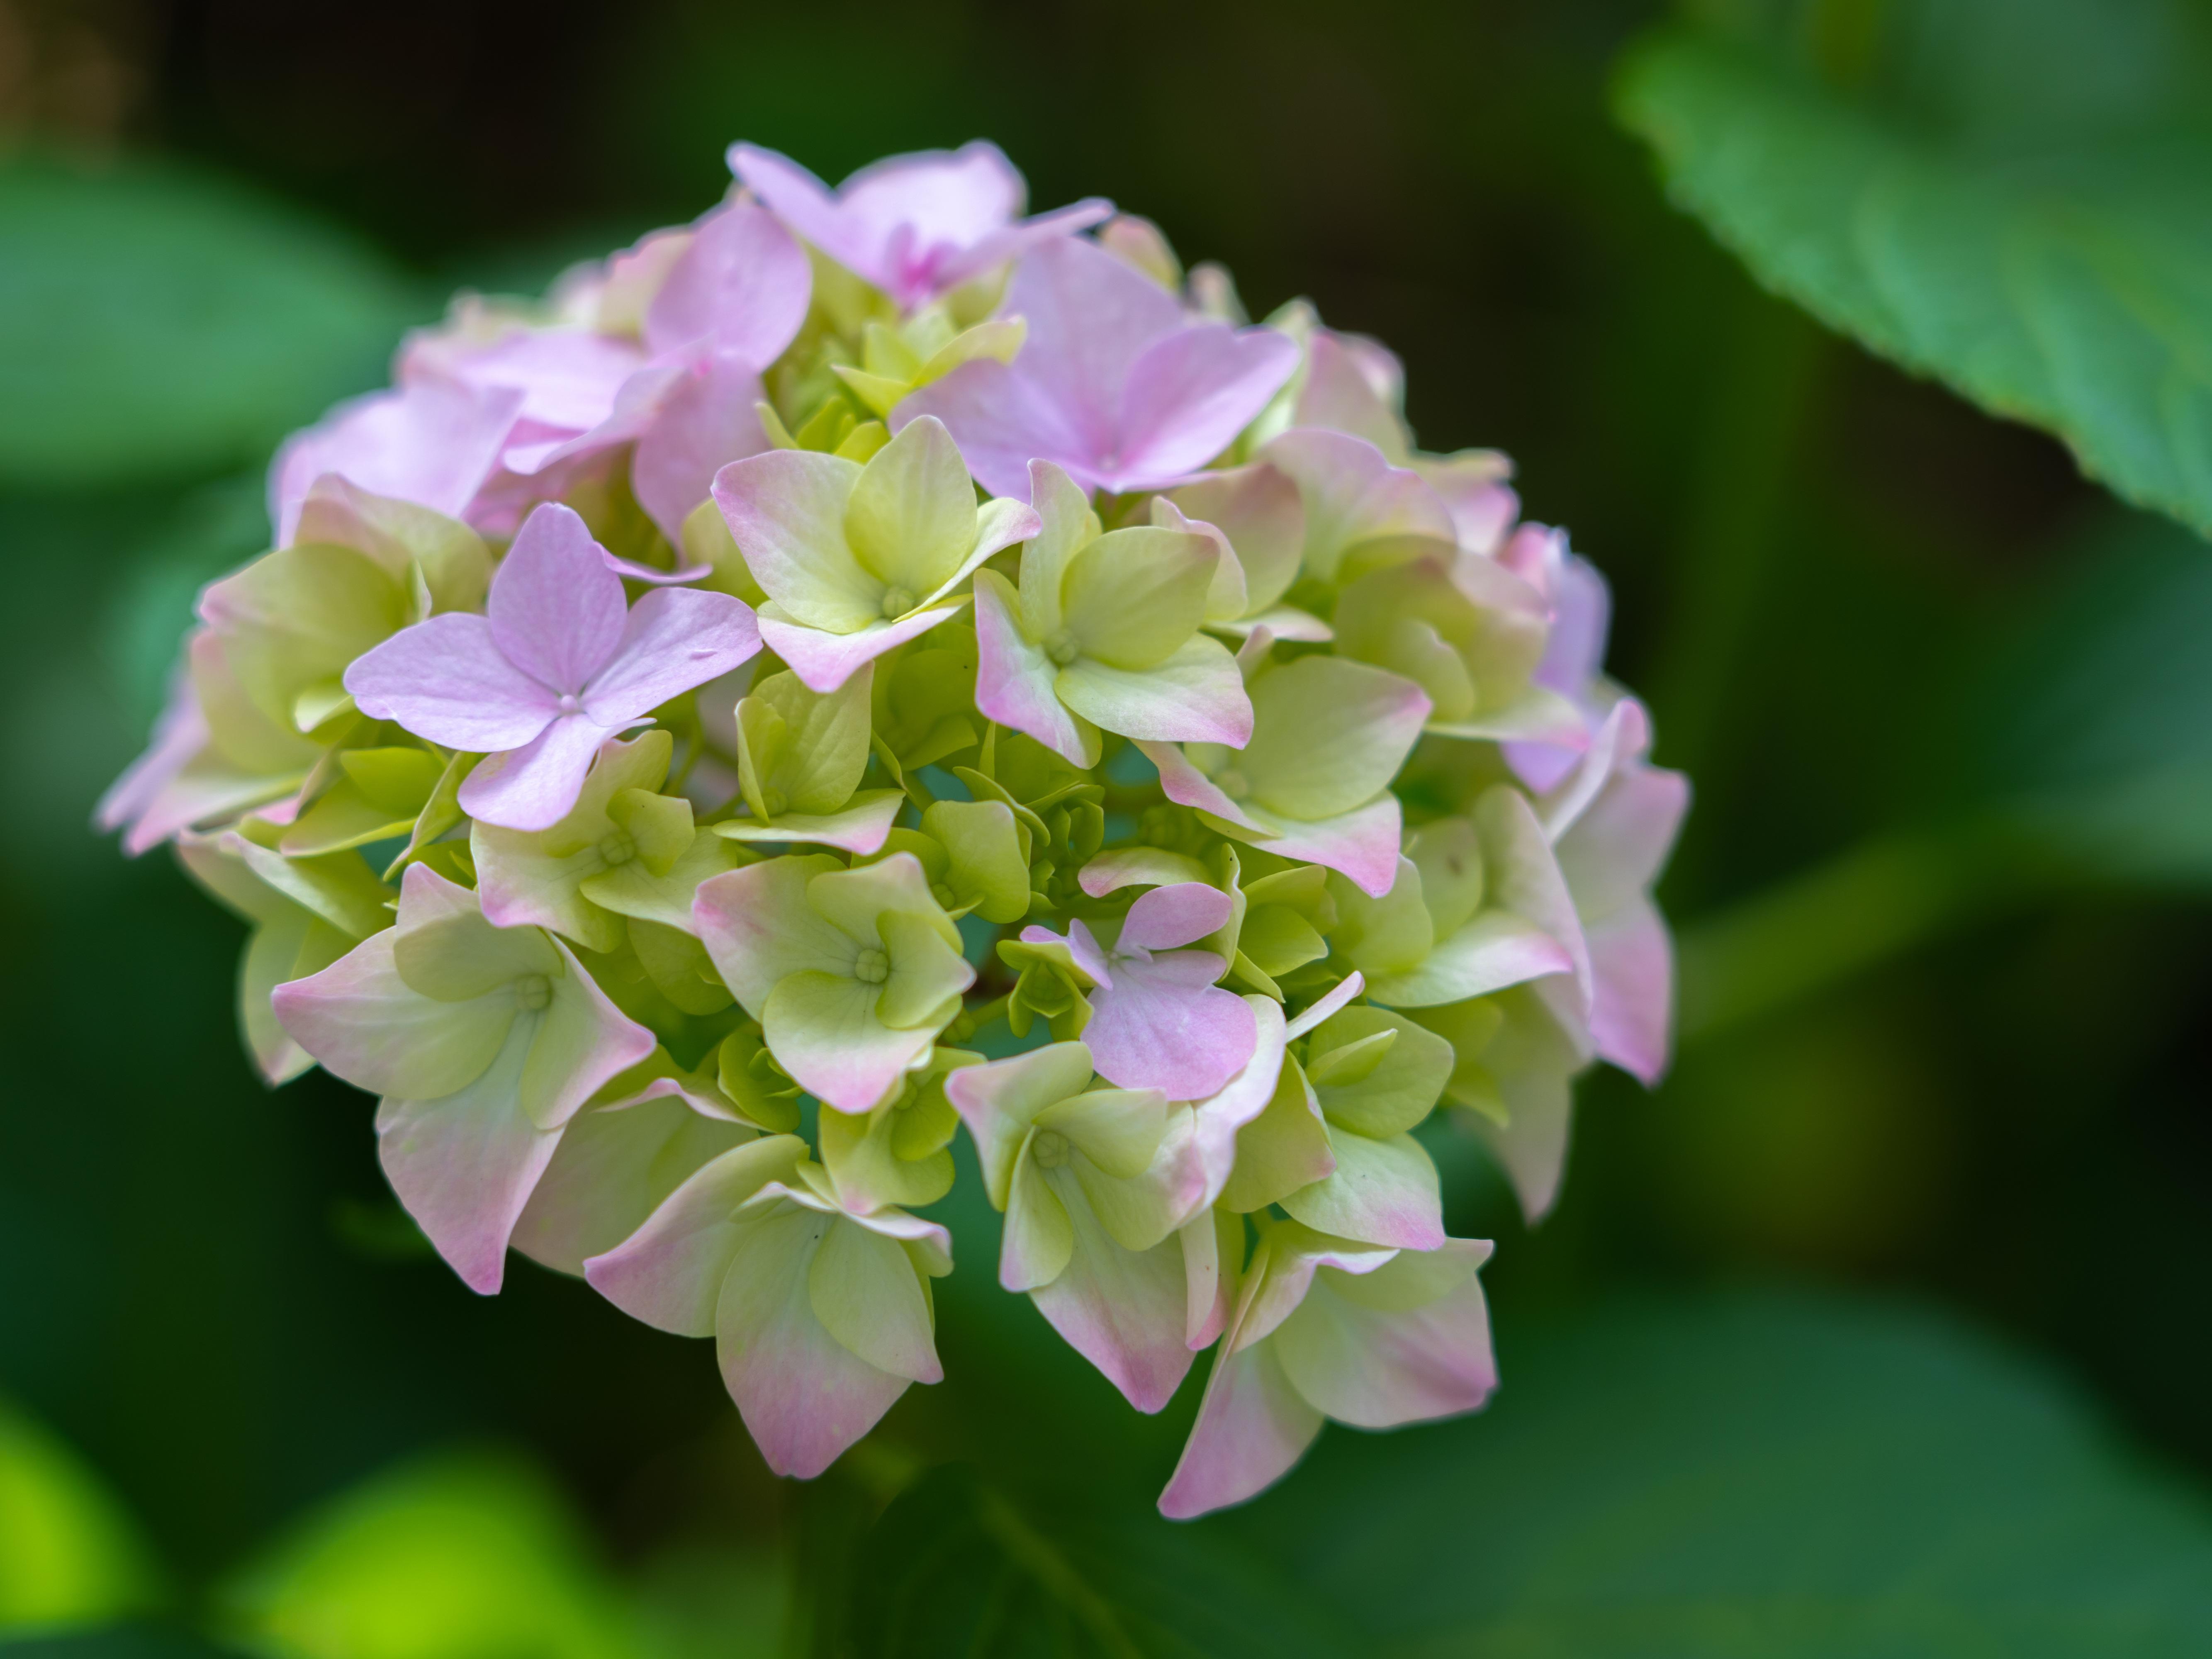 Картинки Размытый фон Цветы Гортензия Крупным планом боке цветок вблизи